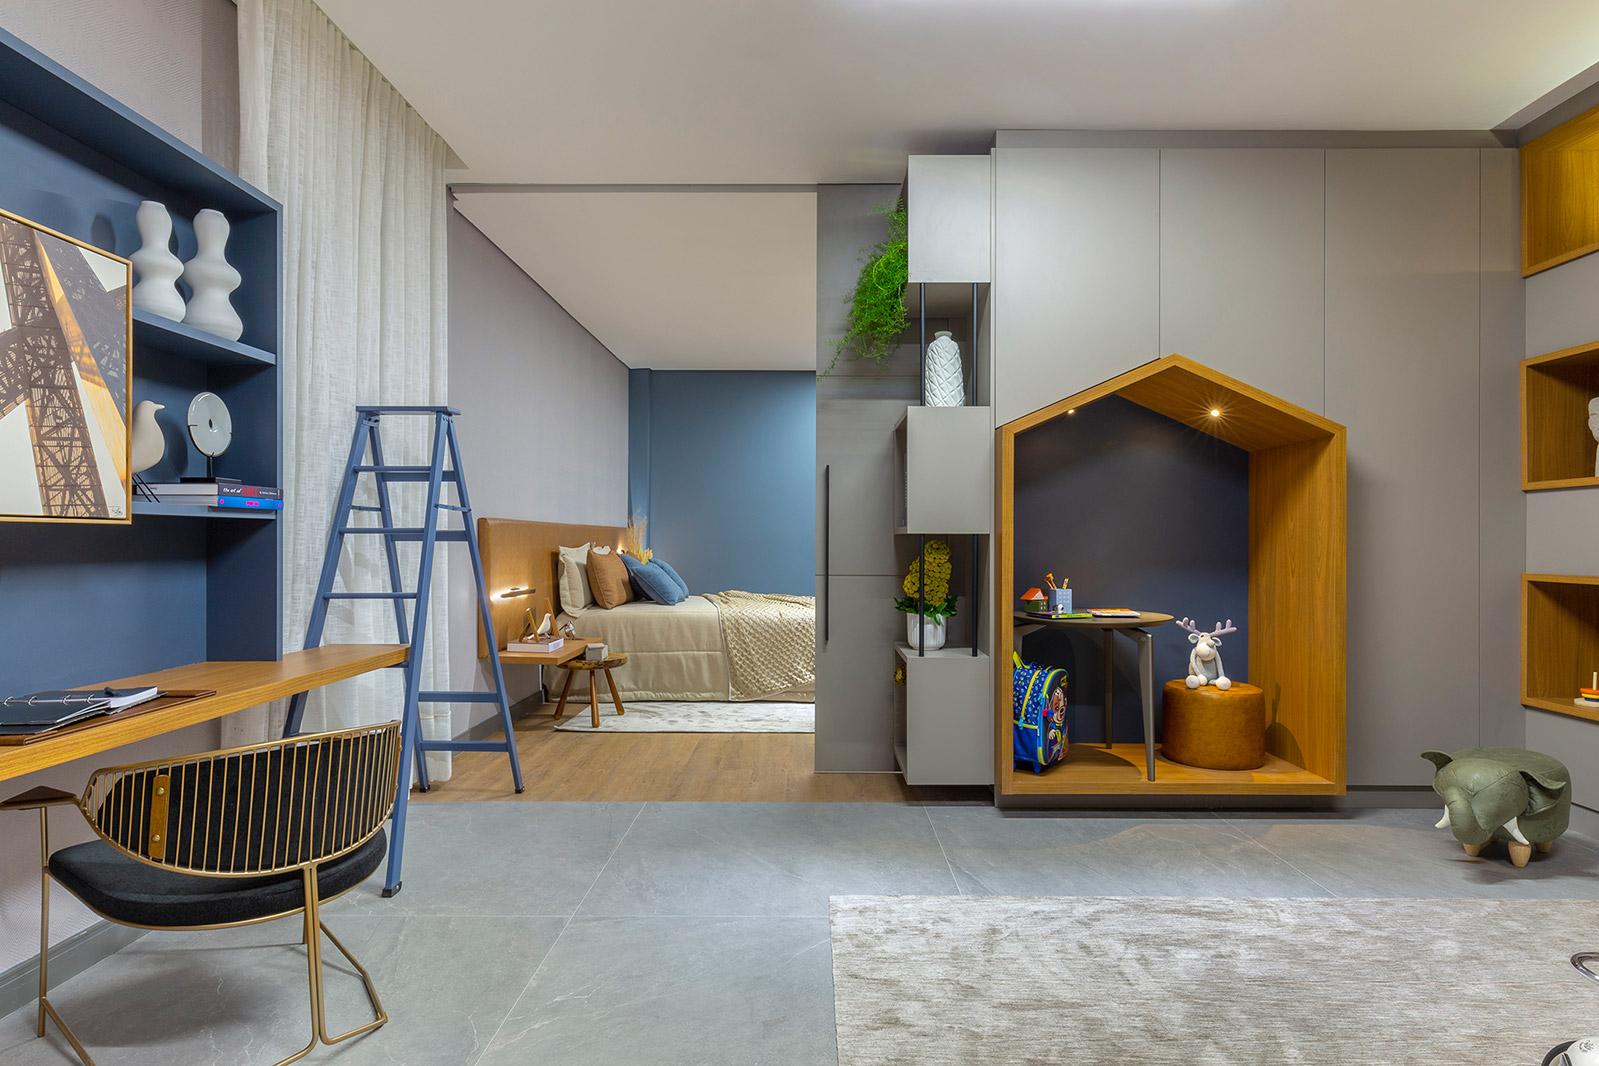 fernanda gemus quarto be blue casacor goias 2021 azul autismo marcenaria decoração